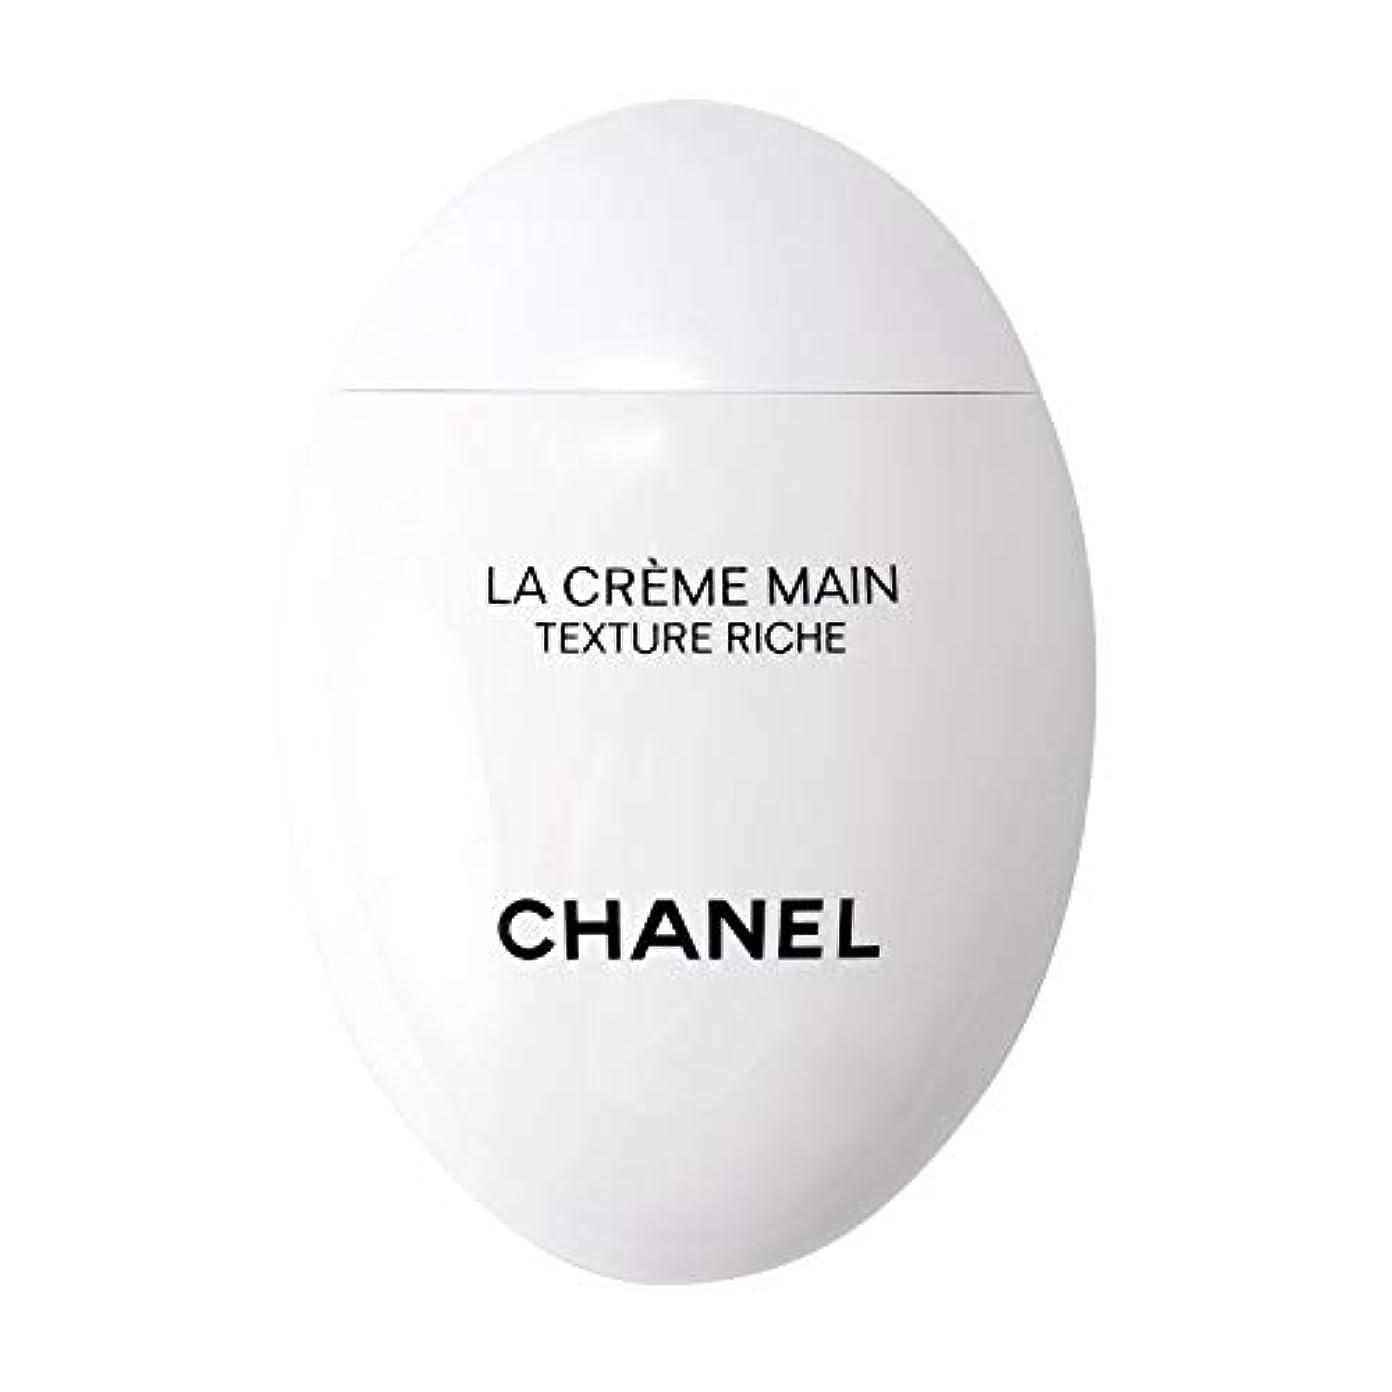 [ギフトラッピング] シャネル CHANEL ハンドクリーム 50ml ラ クレーム マン ショップバッグ付き (50ml)